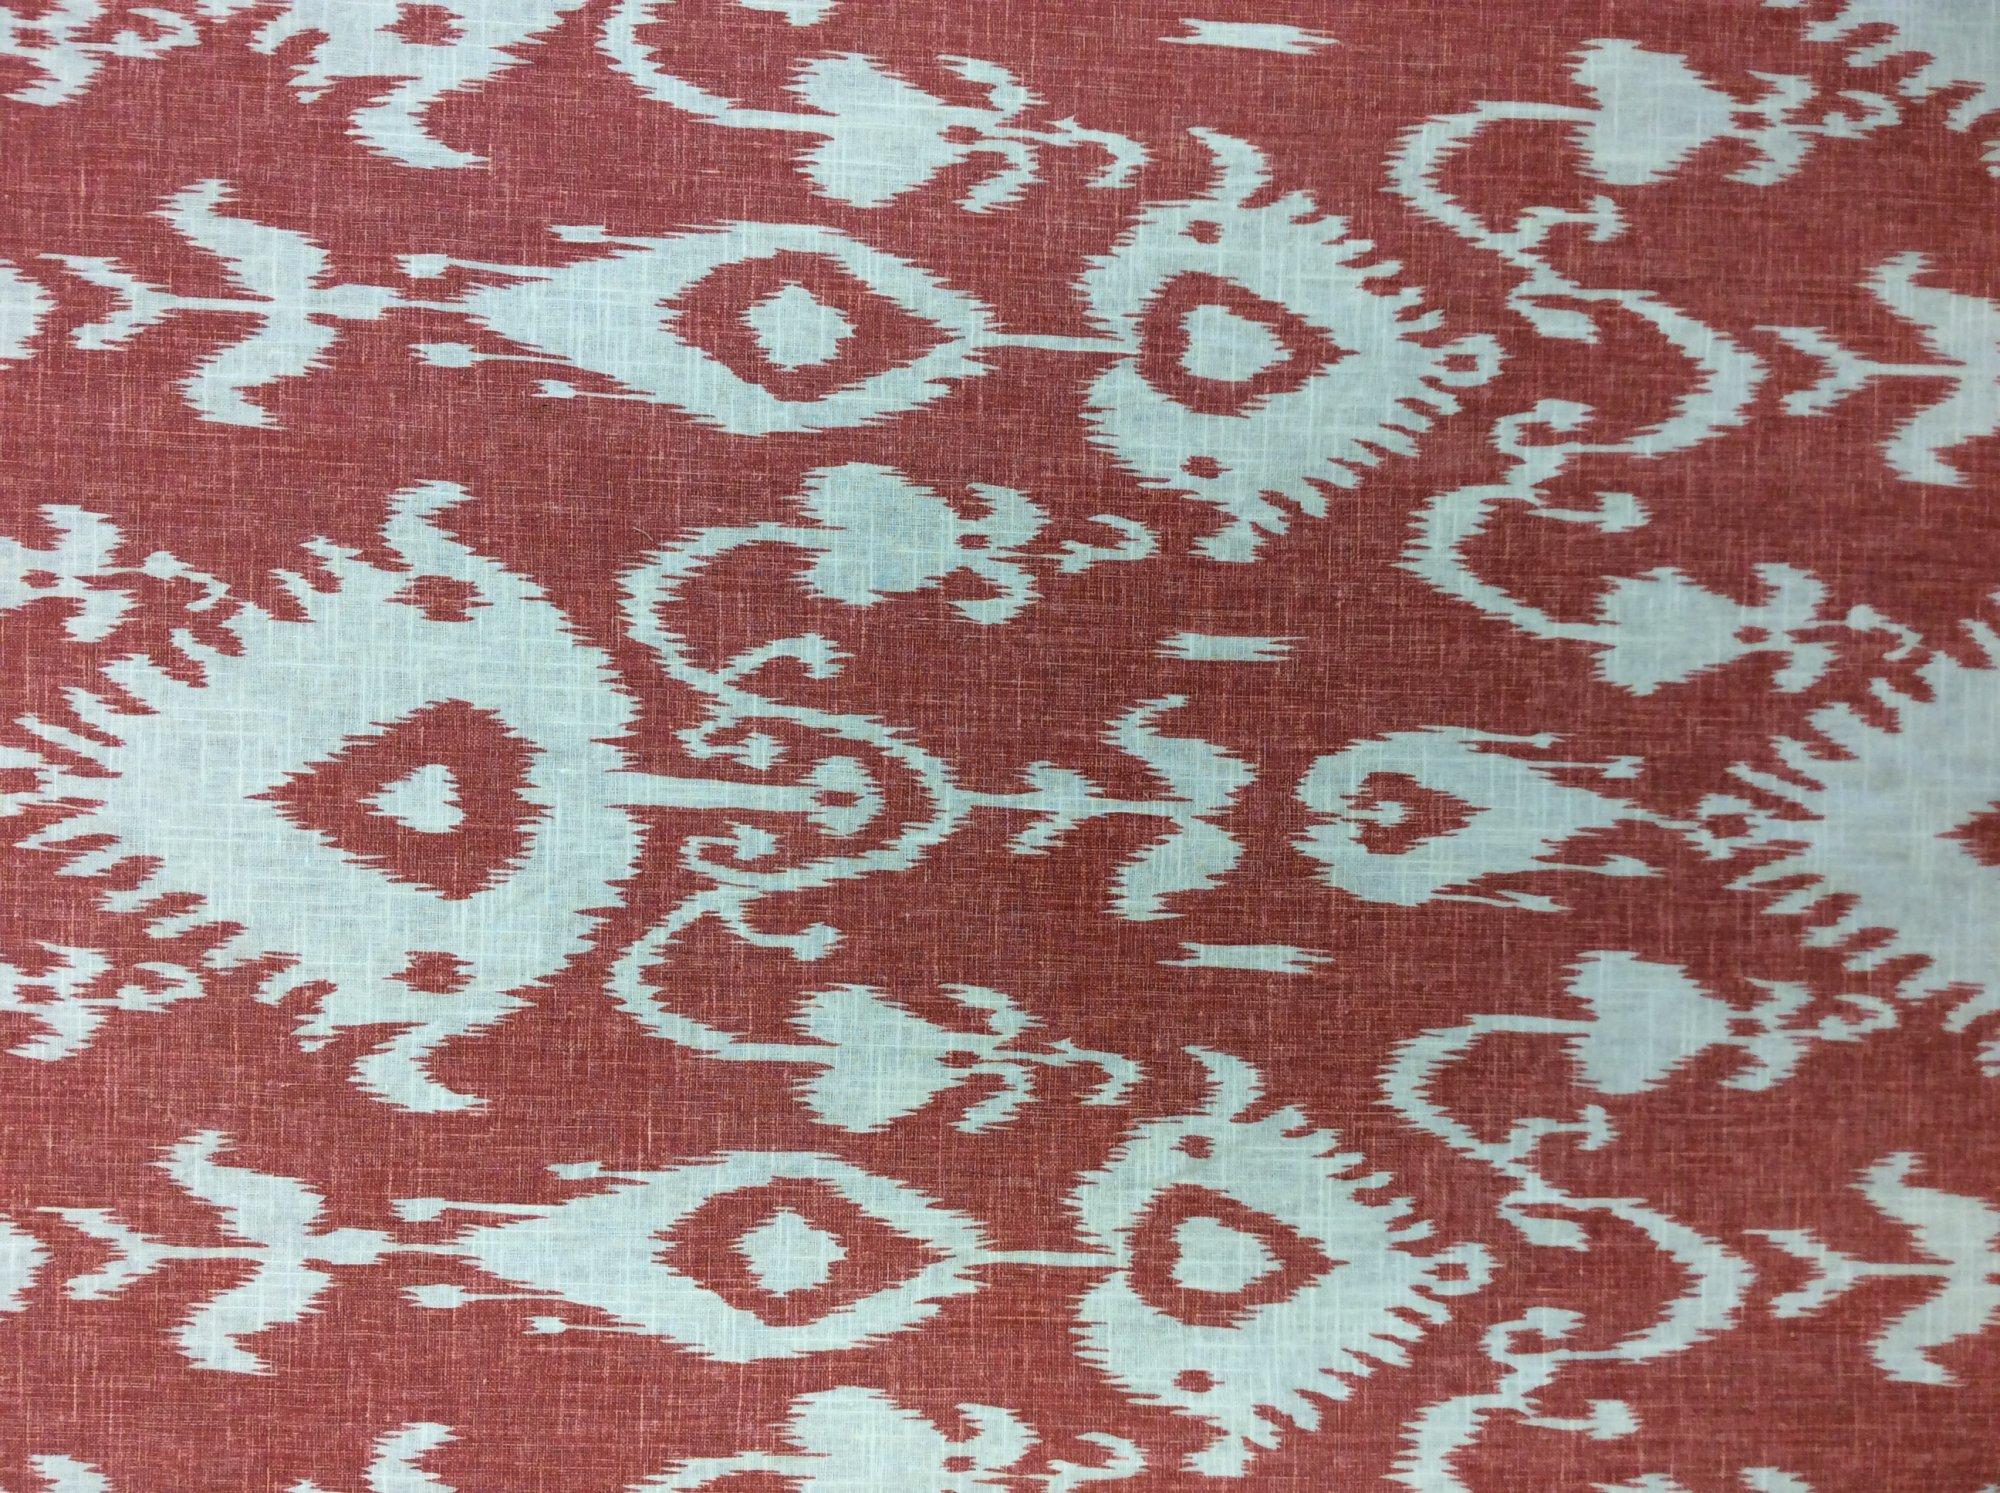 Ikat Suzani Suzanni Mud Cloth Ethnic Tribal